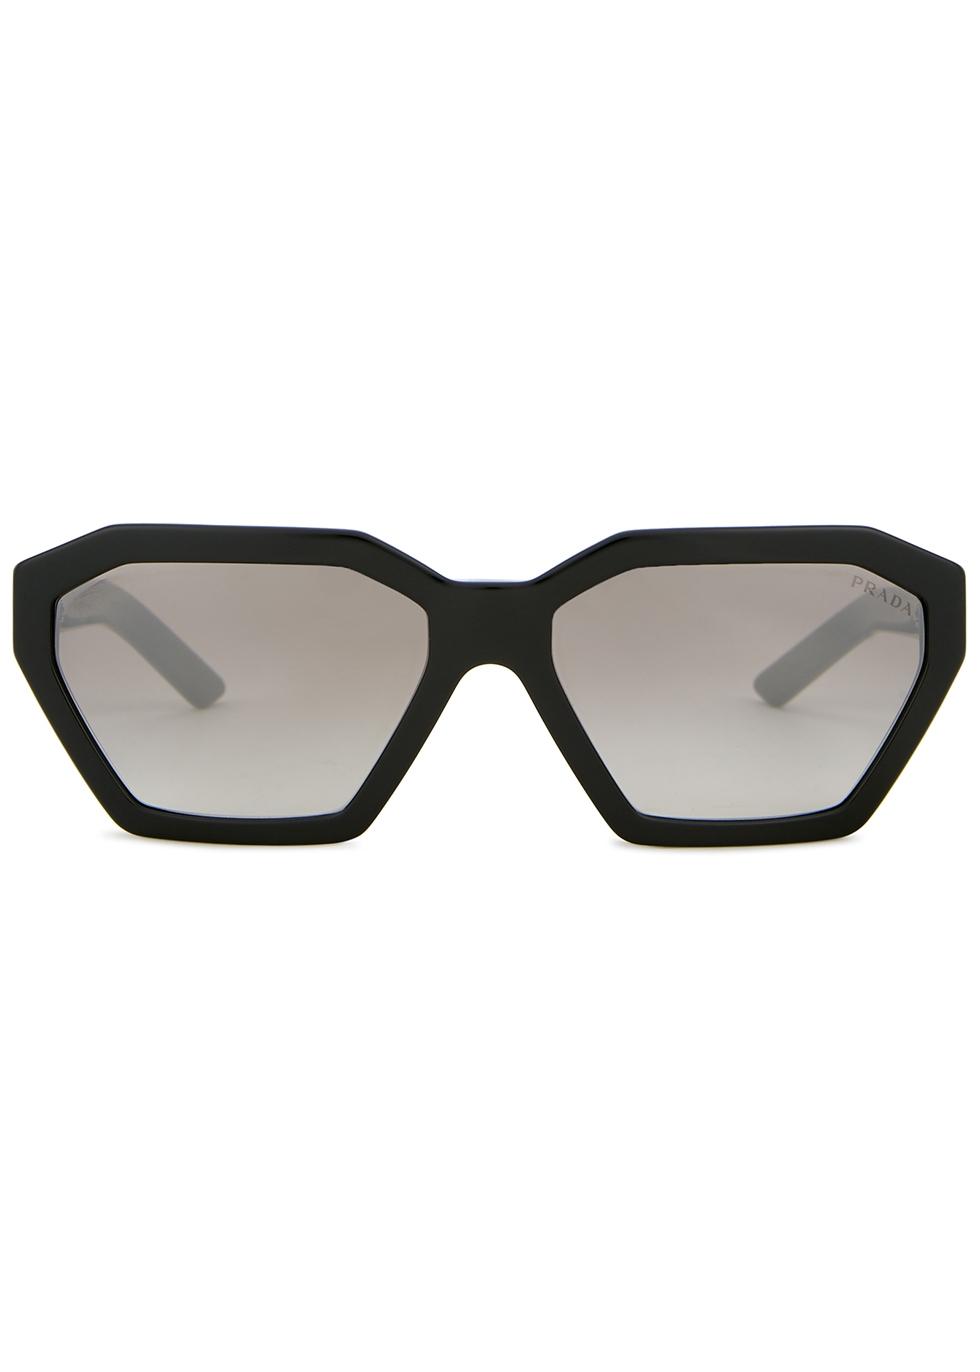 Milllennials heptagon-frame sunglasses - Prada